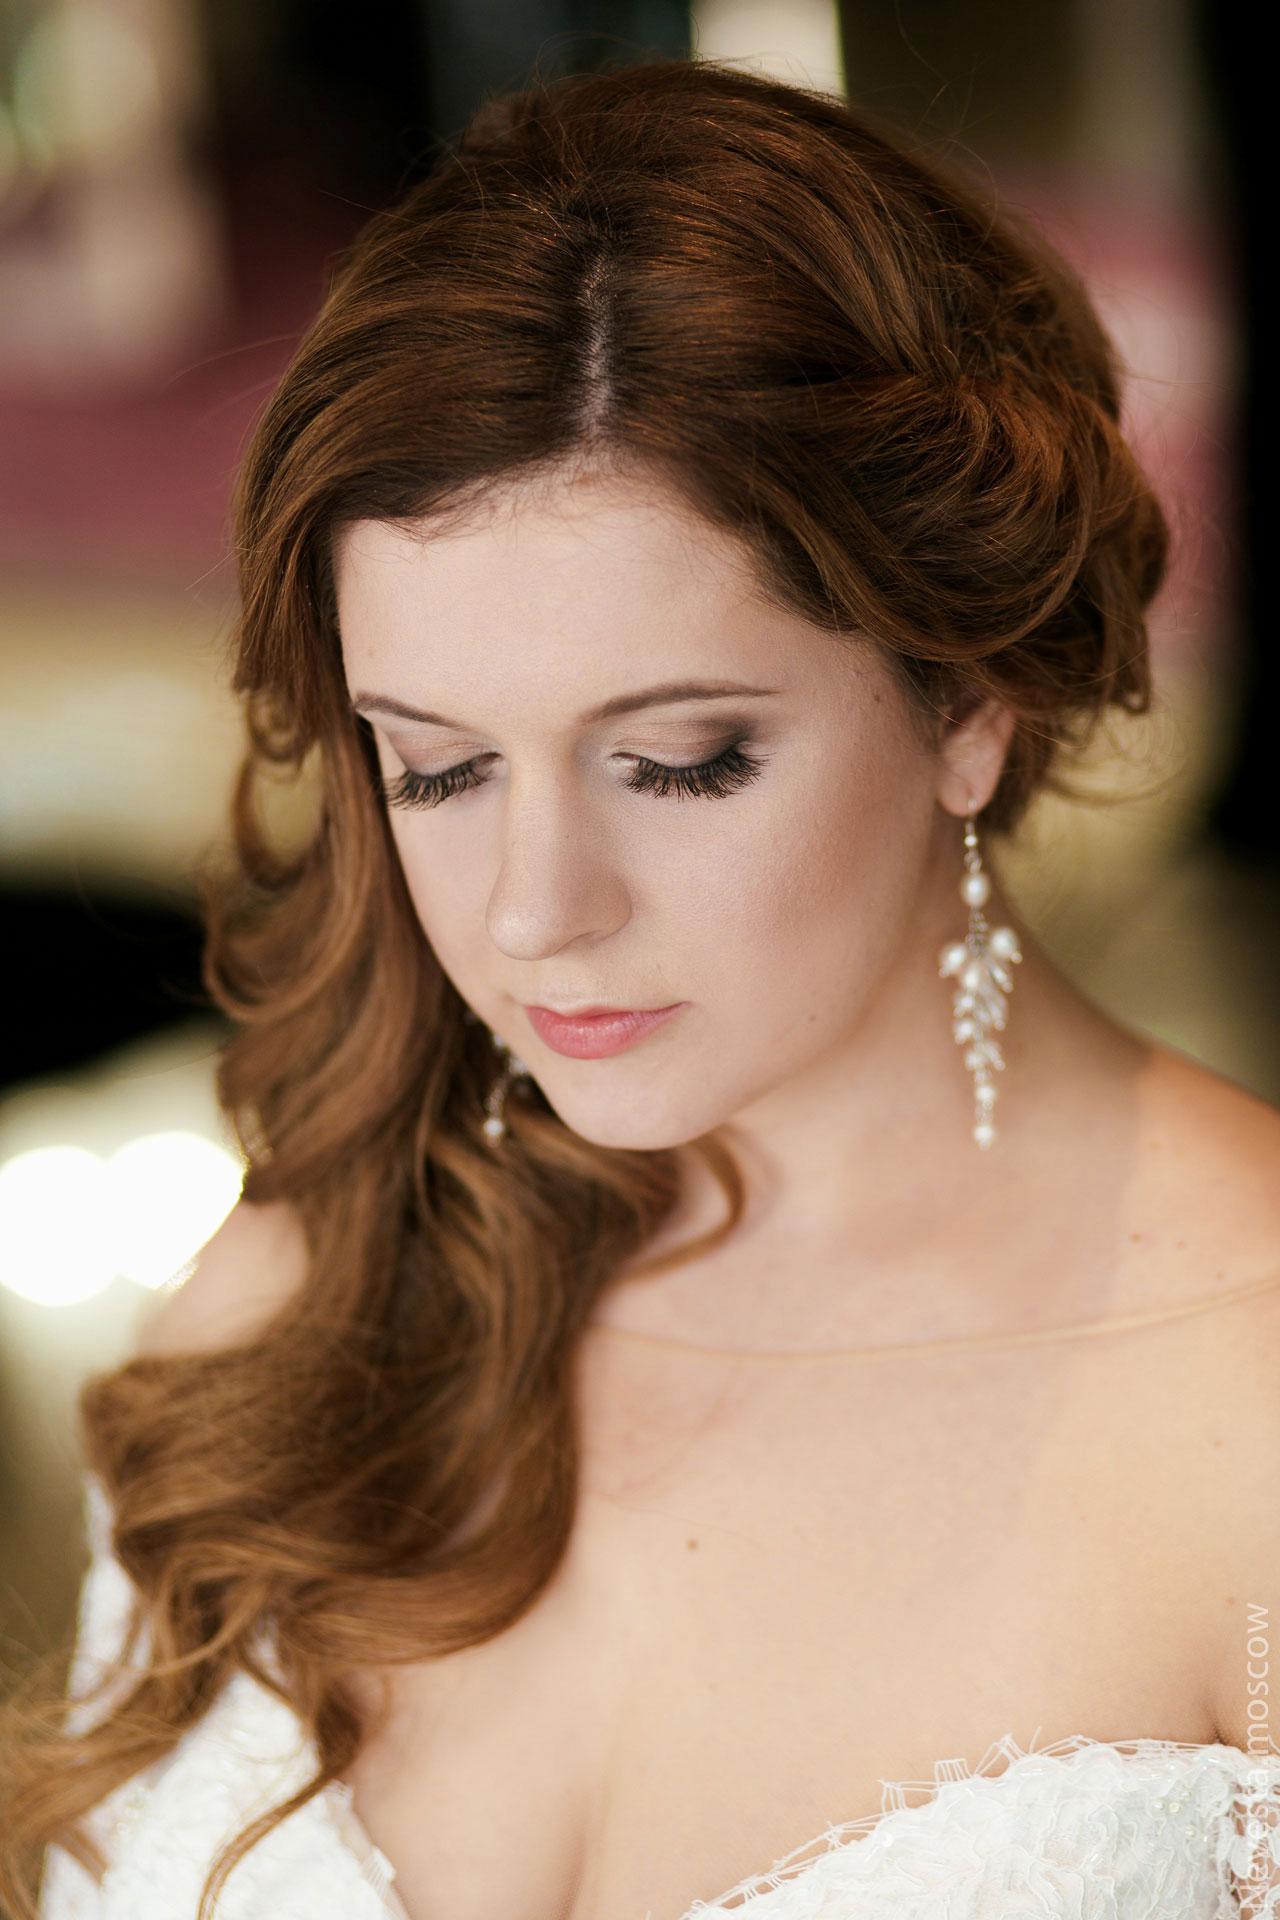 Анастасия Денисова выбирает образ для своей свадьбы фото 1